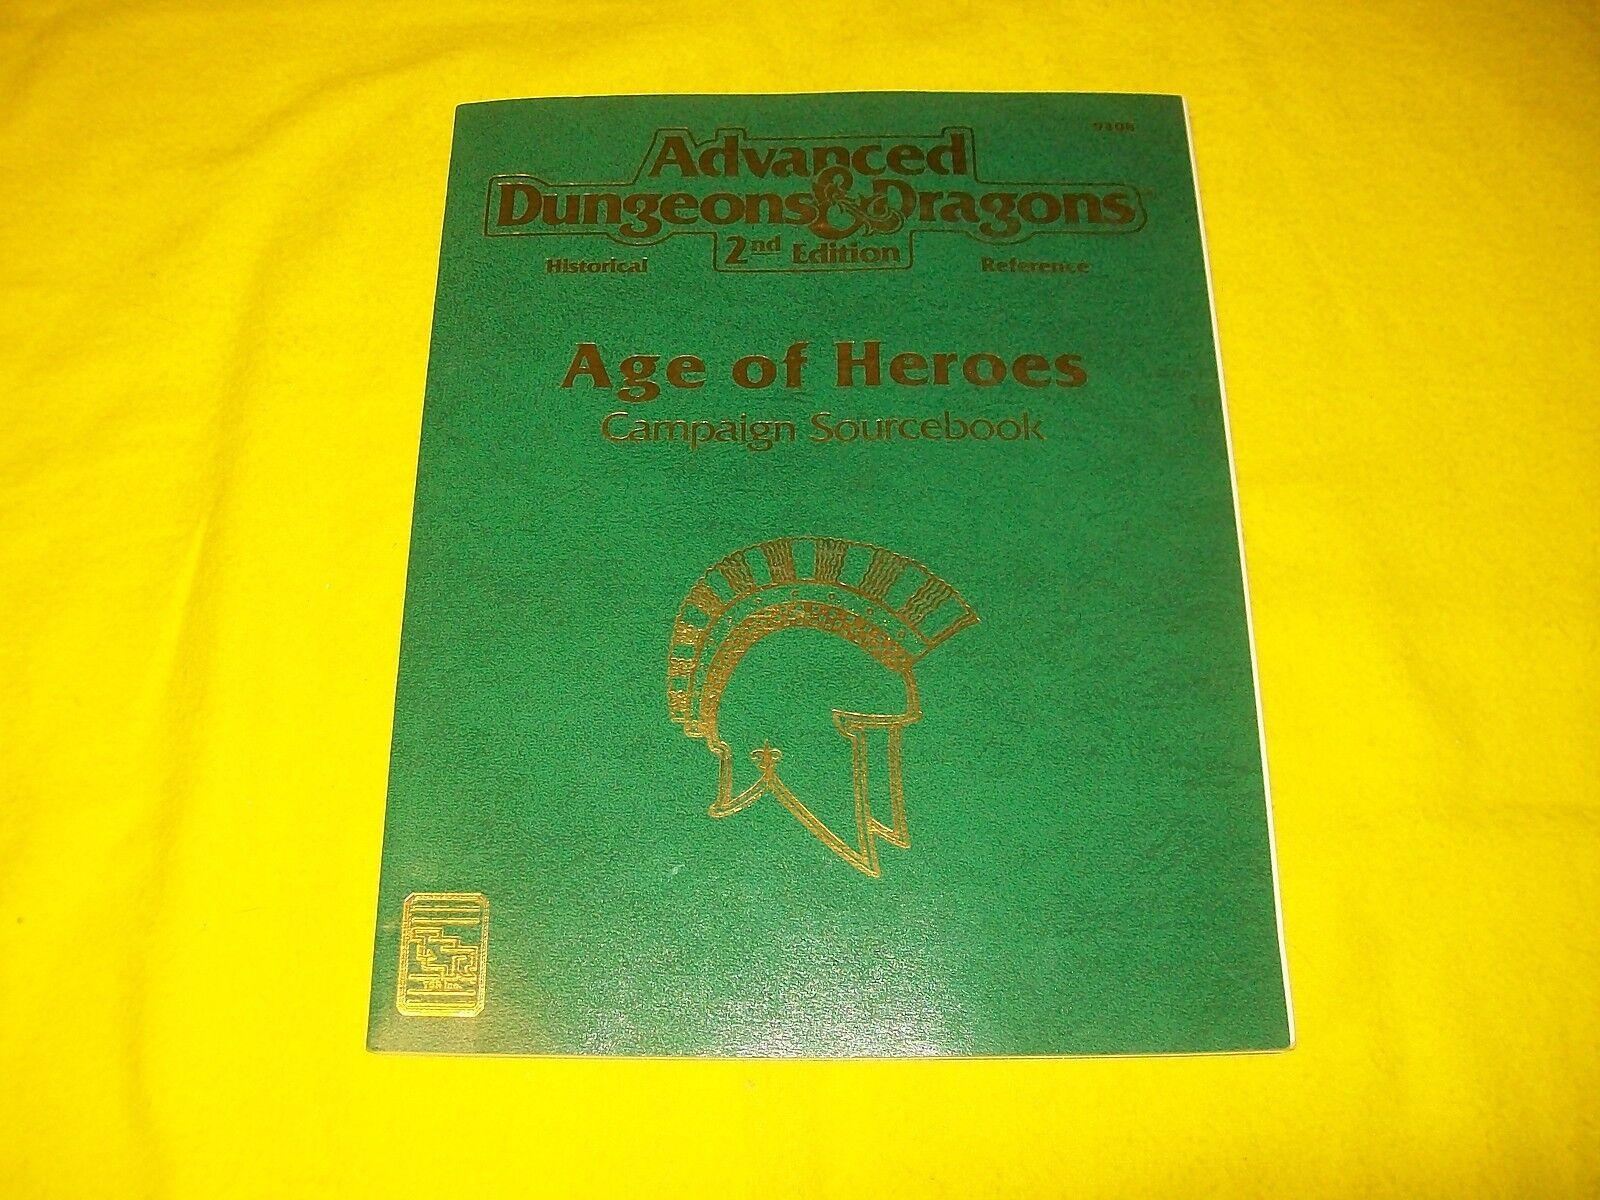 Ahorre hasta un 70% de descuento. Edad de héroes campaña campaña campaña Sourcebook Dungeons & Dragons AD&D 2ND edición 9408 - 2  forma única